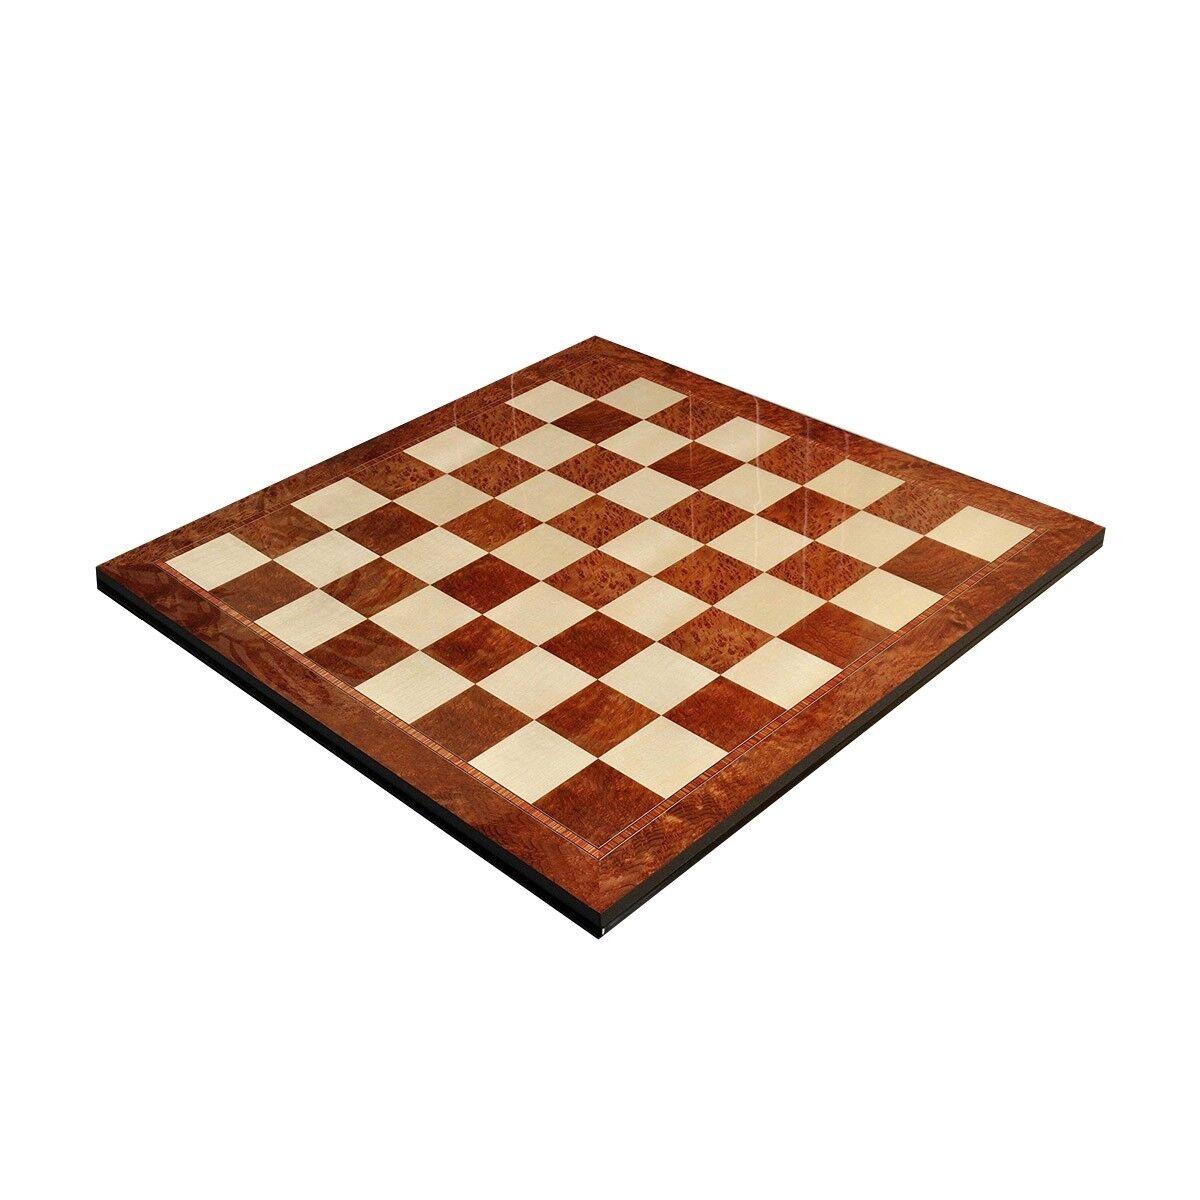 Vavona Burl &  Maple Superior Traditional Chess Board - 2.5  Squares  profitez d'une réduction de 30 à 50%